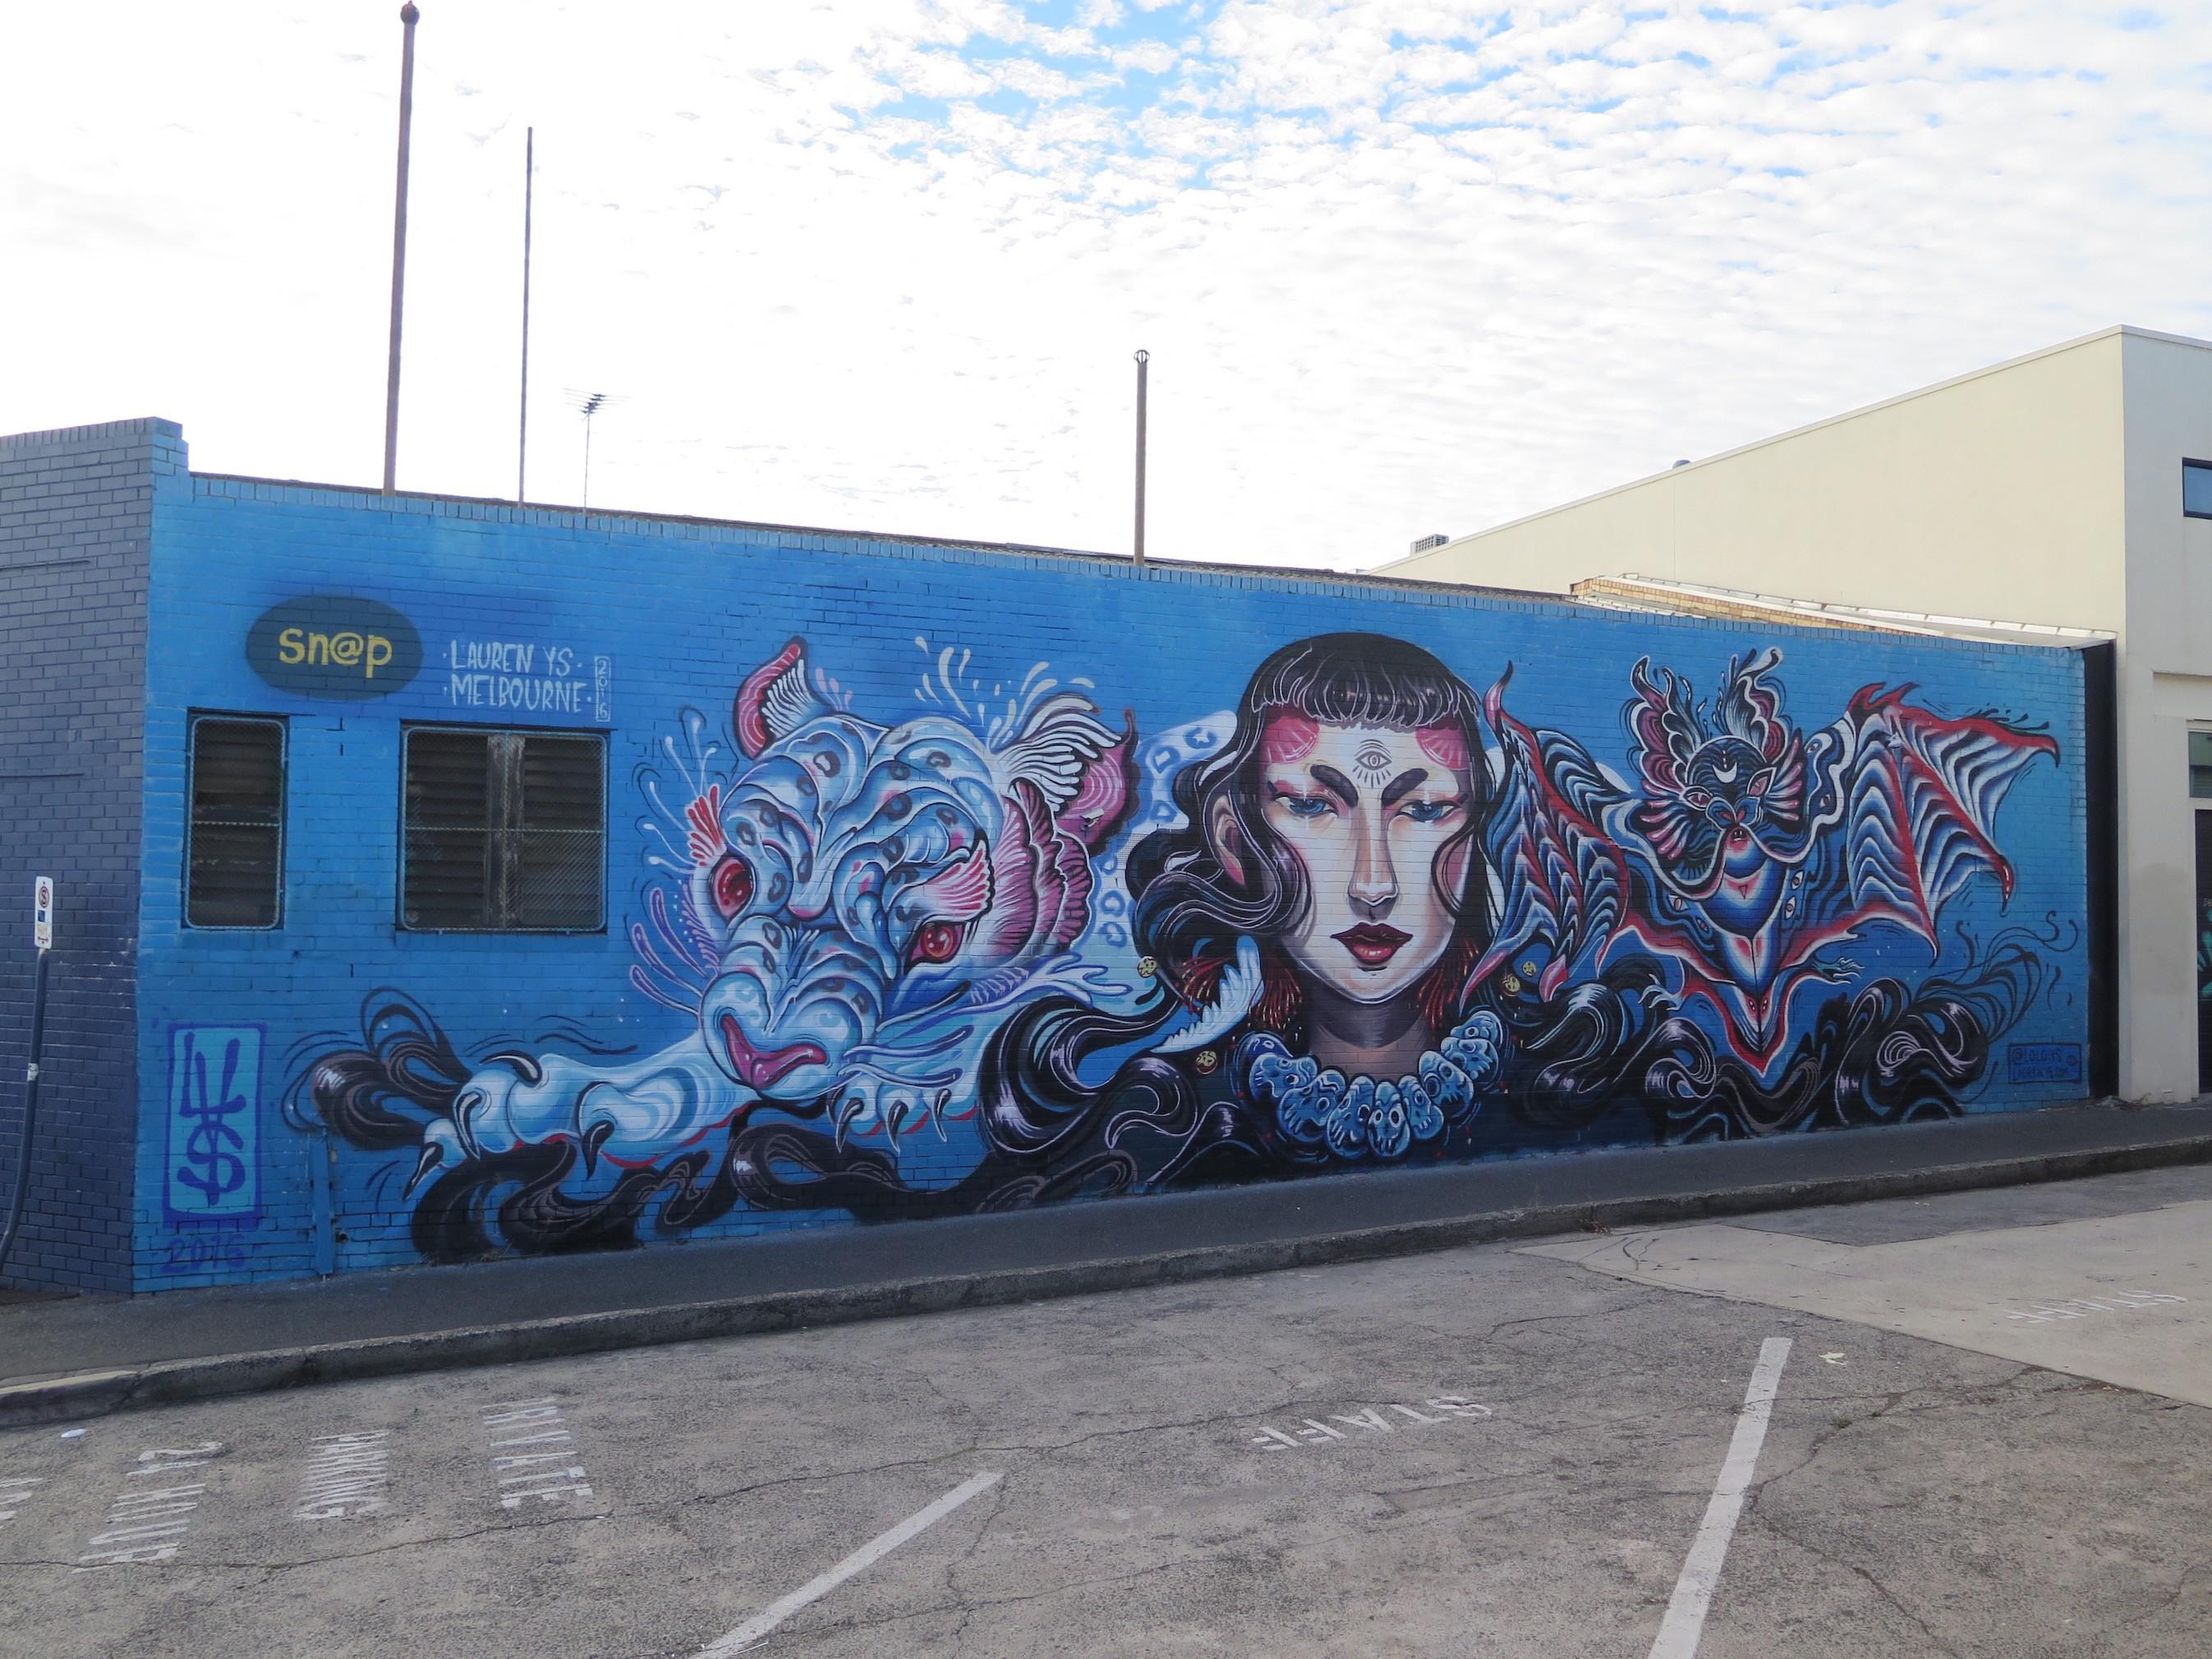 Lauren ys visits melbourne australia streetartnews for Australian mural